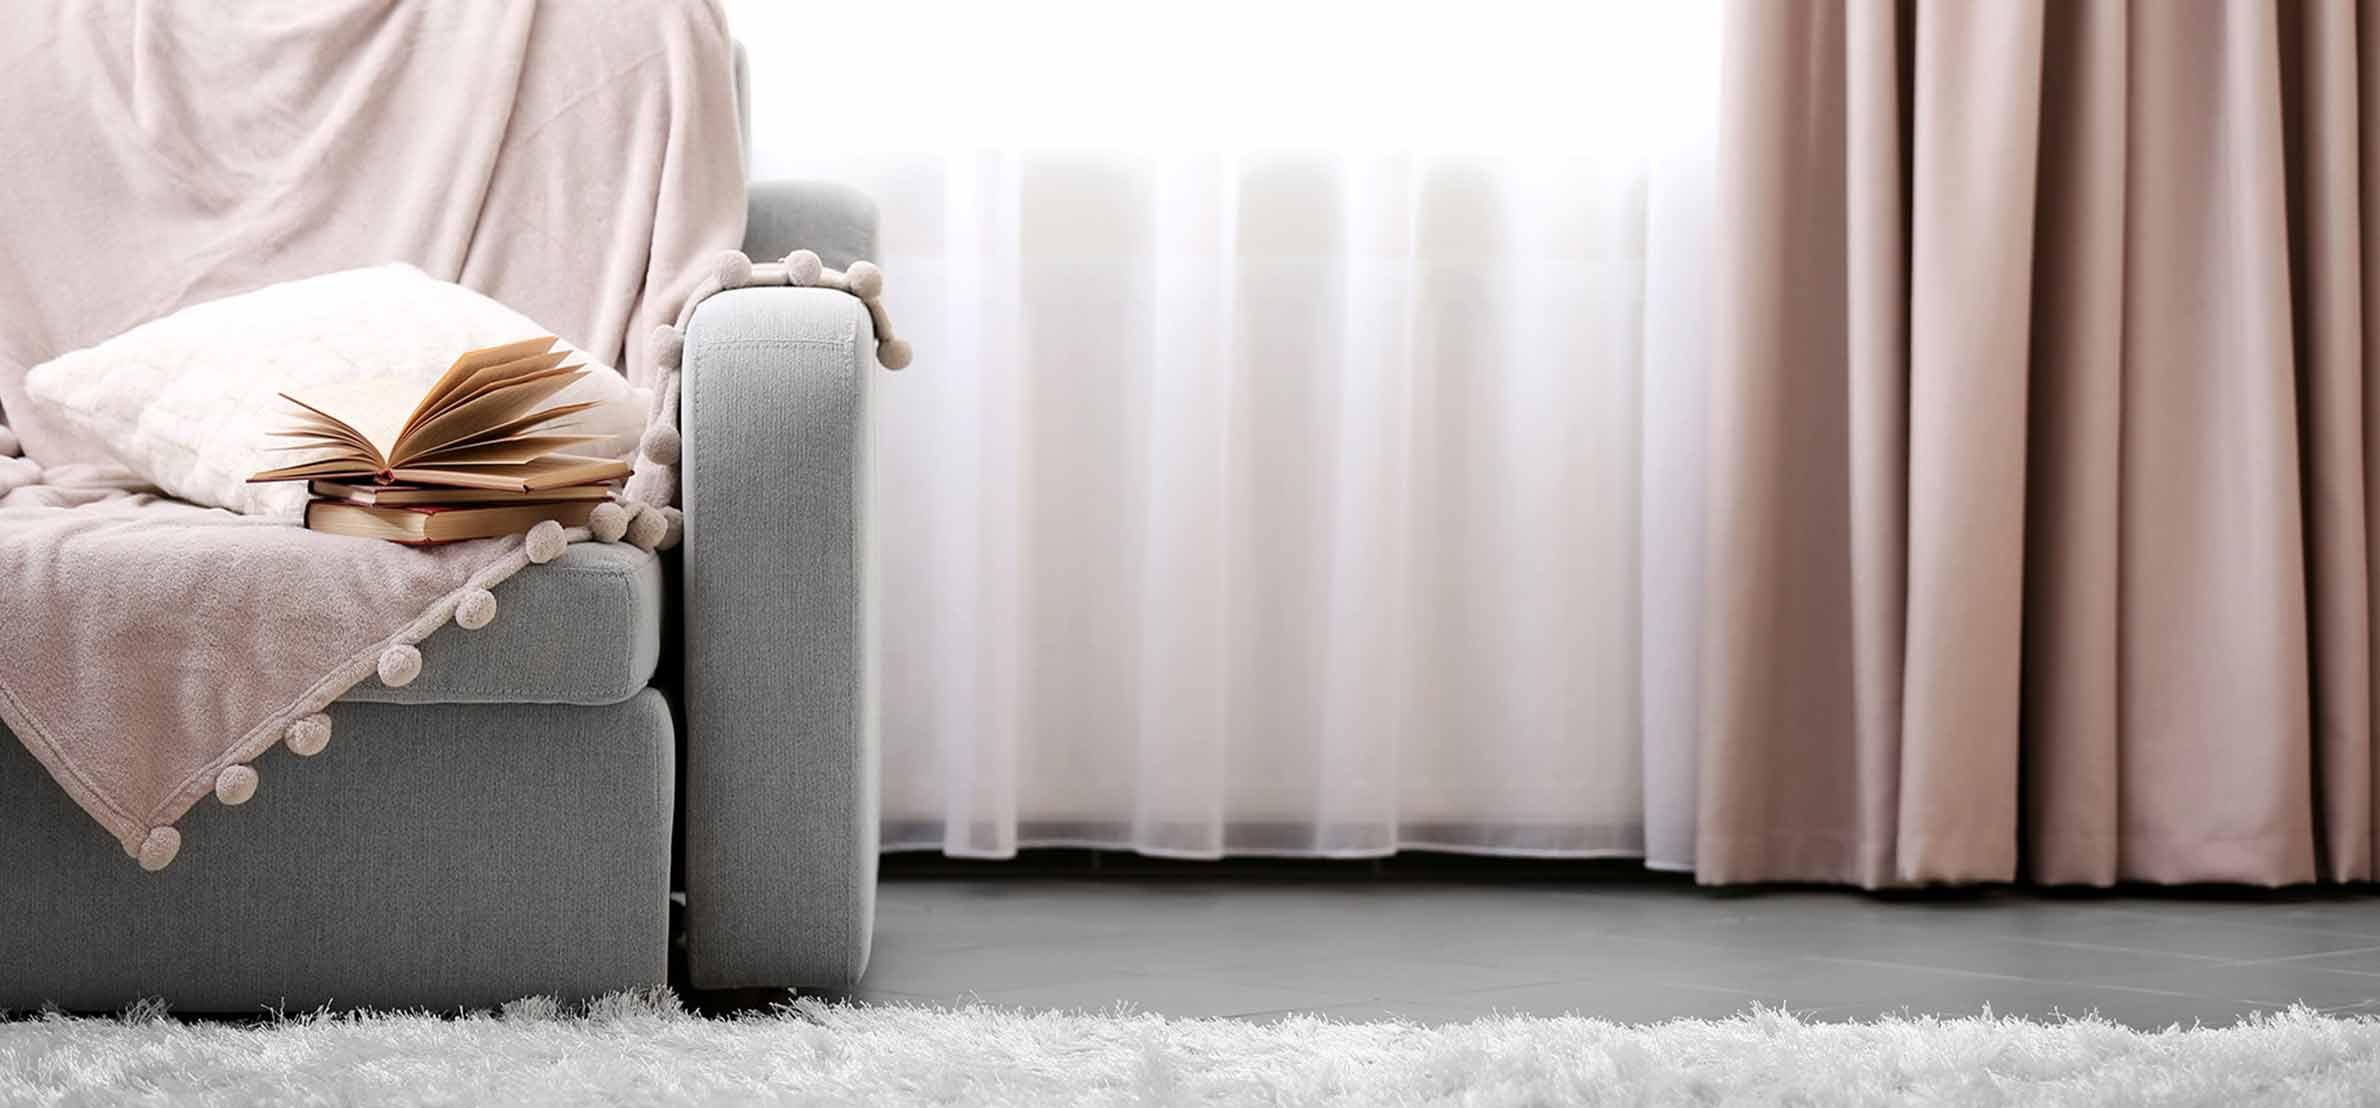 https://s3-eu-central-1.amazonaws.com/woonhome/2017/11/woonhome-elektrische-gordijnen-automatische-bediening-app-rolgordijnen-roze.jpg